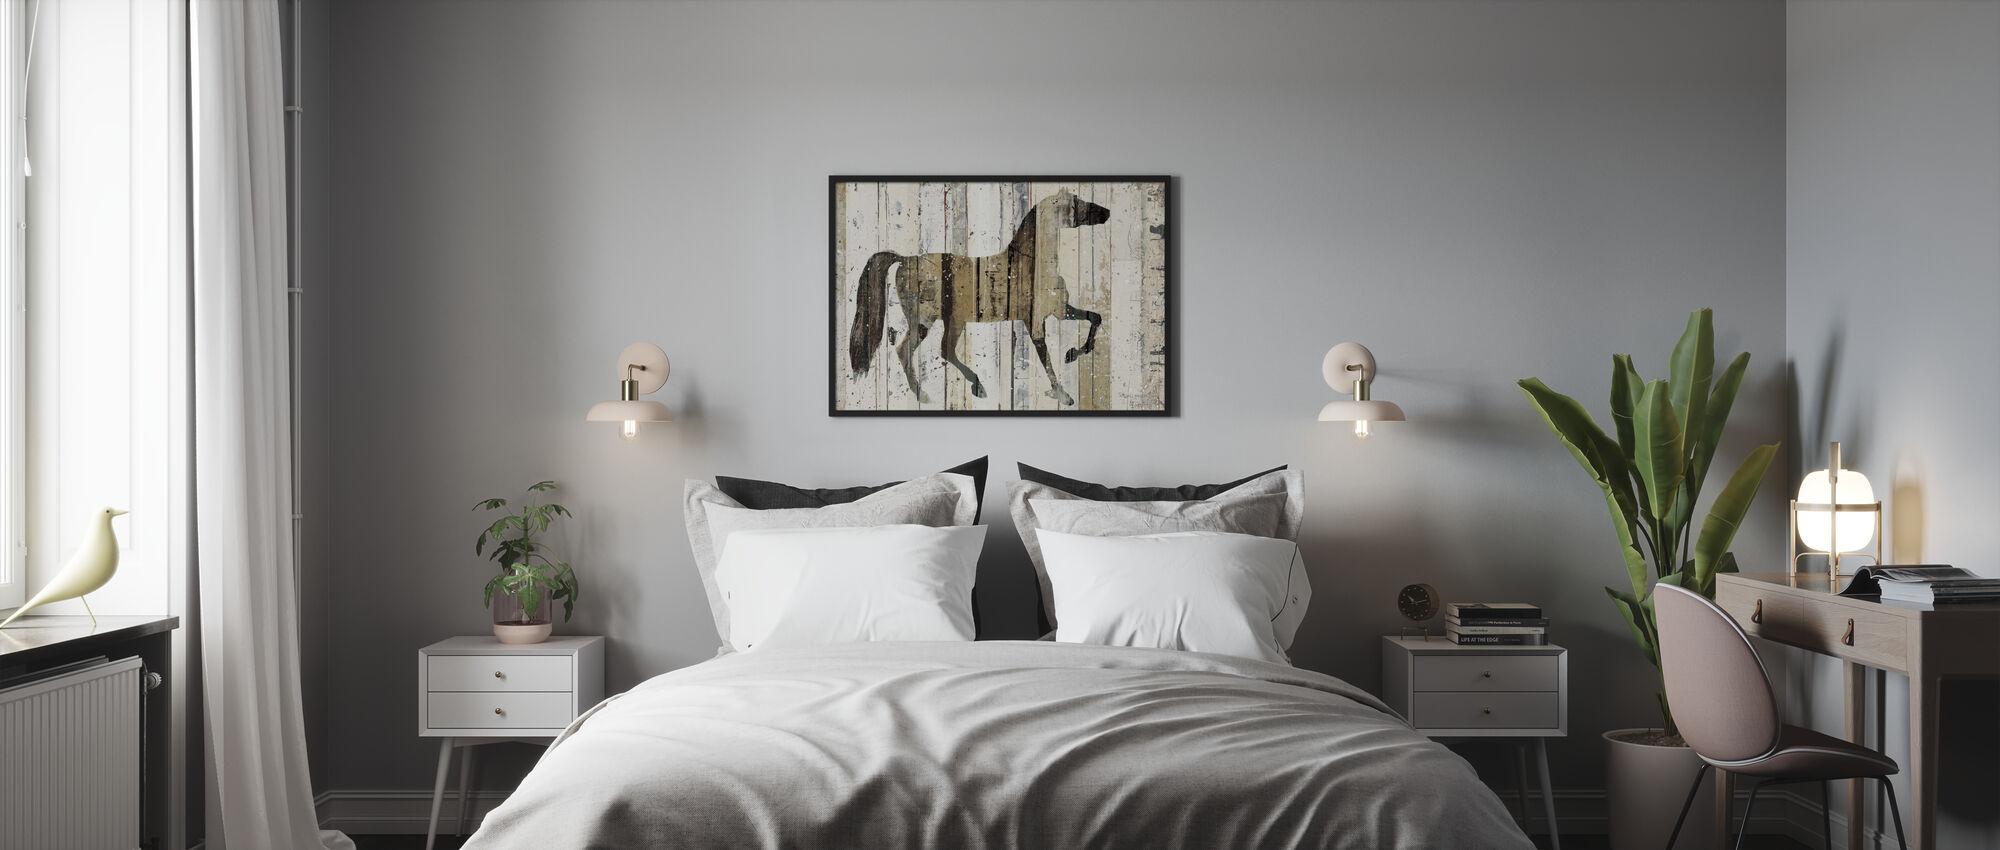 Dunkles Pferd - Gerahmtes bild - Schlafzimmer